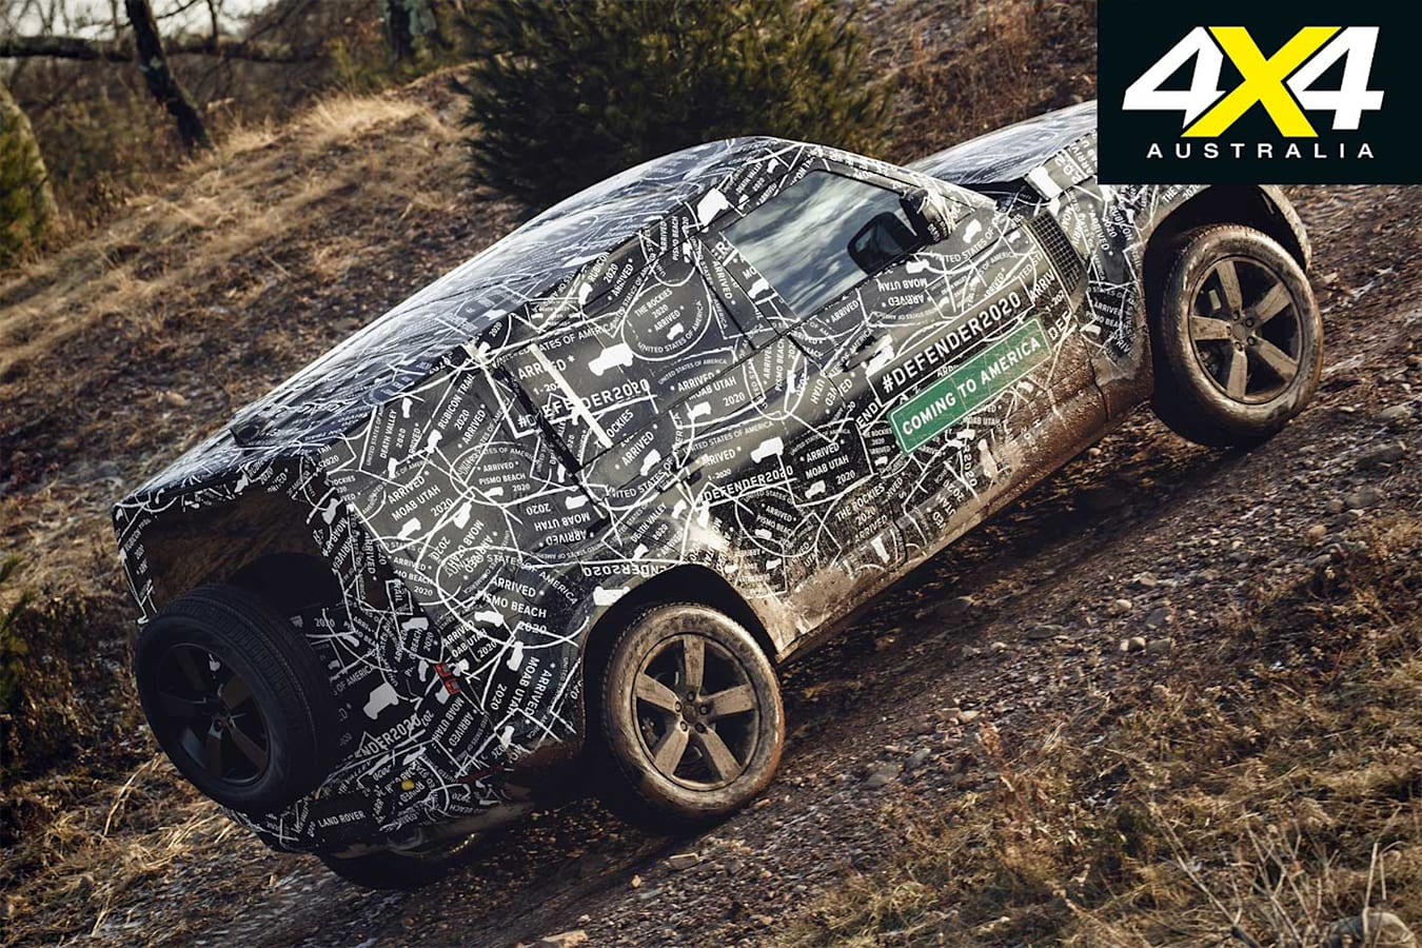 2020 Land Rover Defender offroad